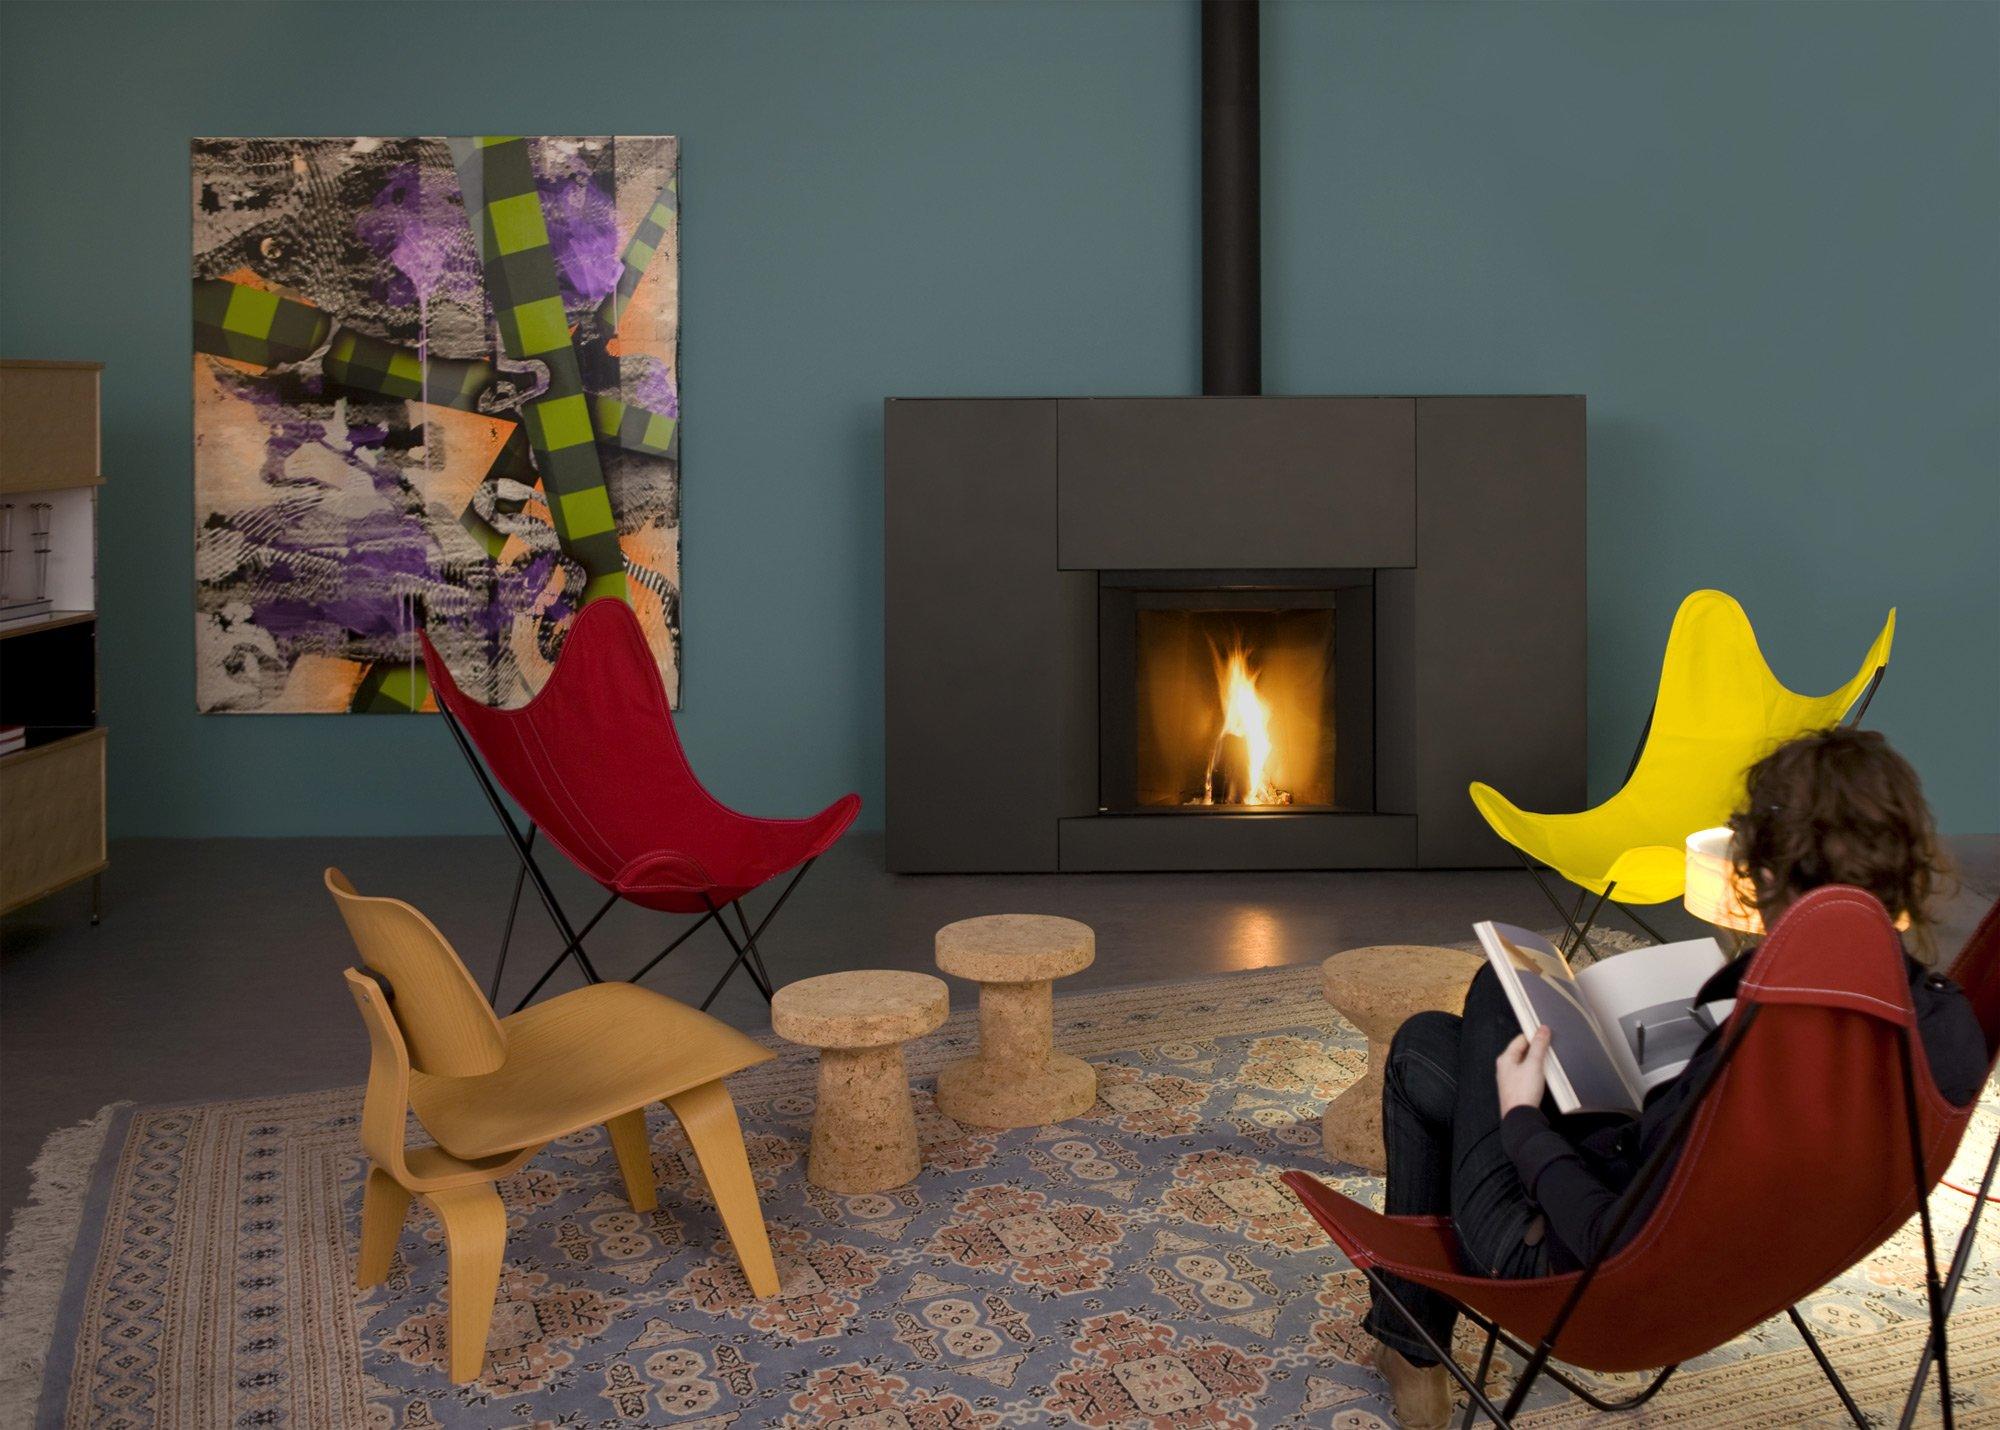 Una sala con un camino e davanti un uomo seduto che legge un libro